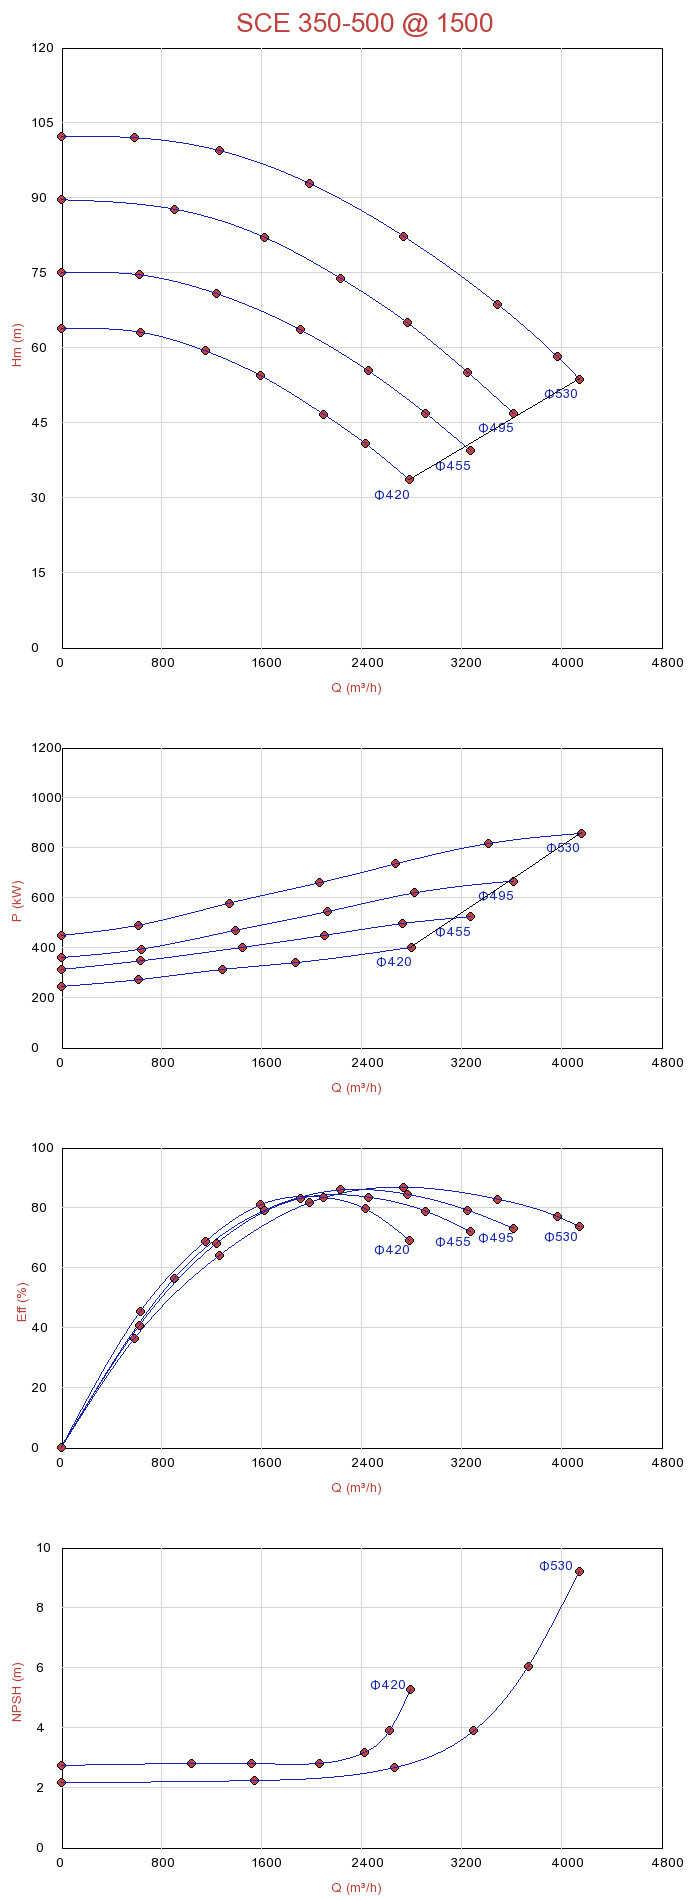 Biểu đồ lưu lượng của máy bơm ly tâm hút đôi Sempa SCE 350-500